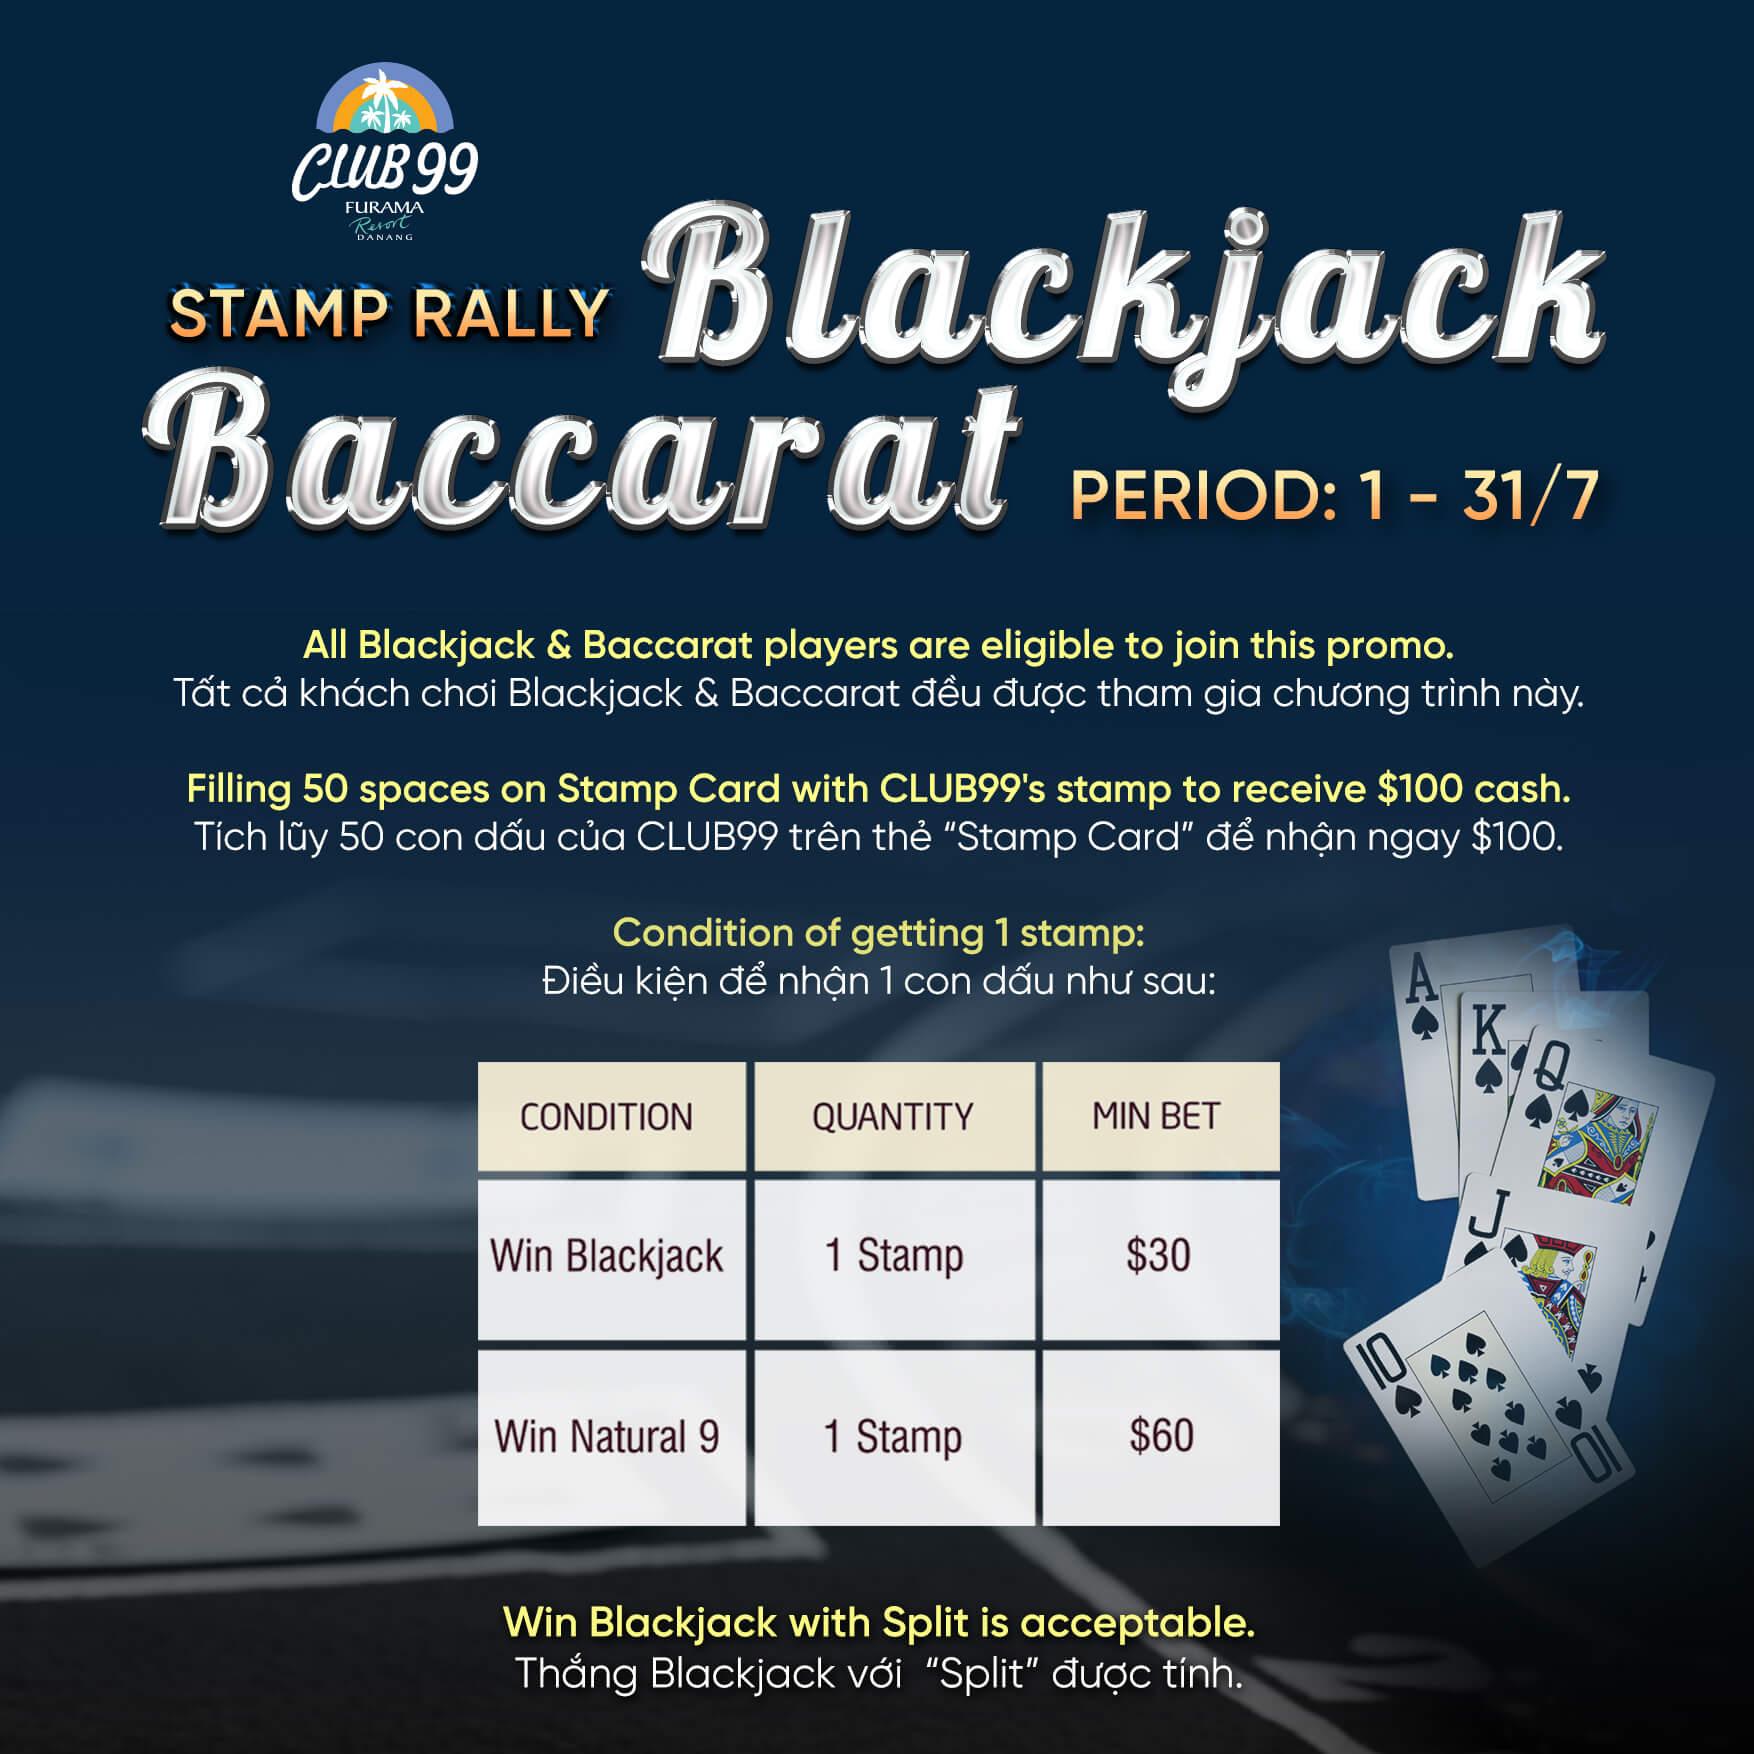 ダナンのカジノ「クラブ99(Club99)」ではブラックジャック&バカラ スタンプラリー実施